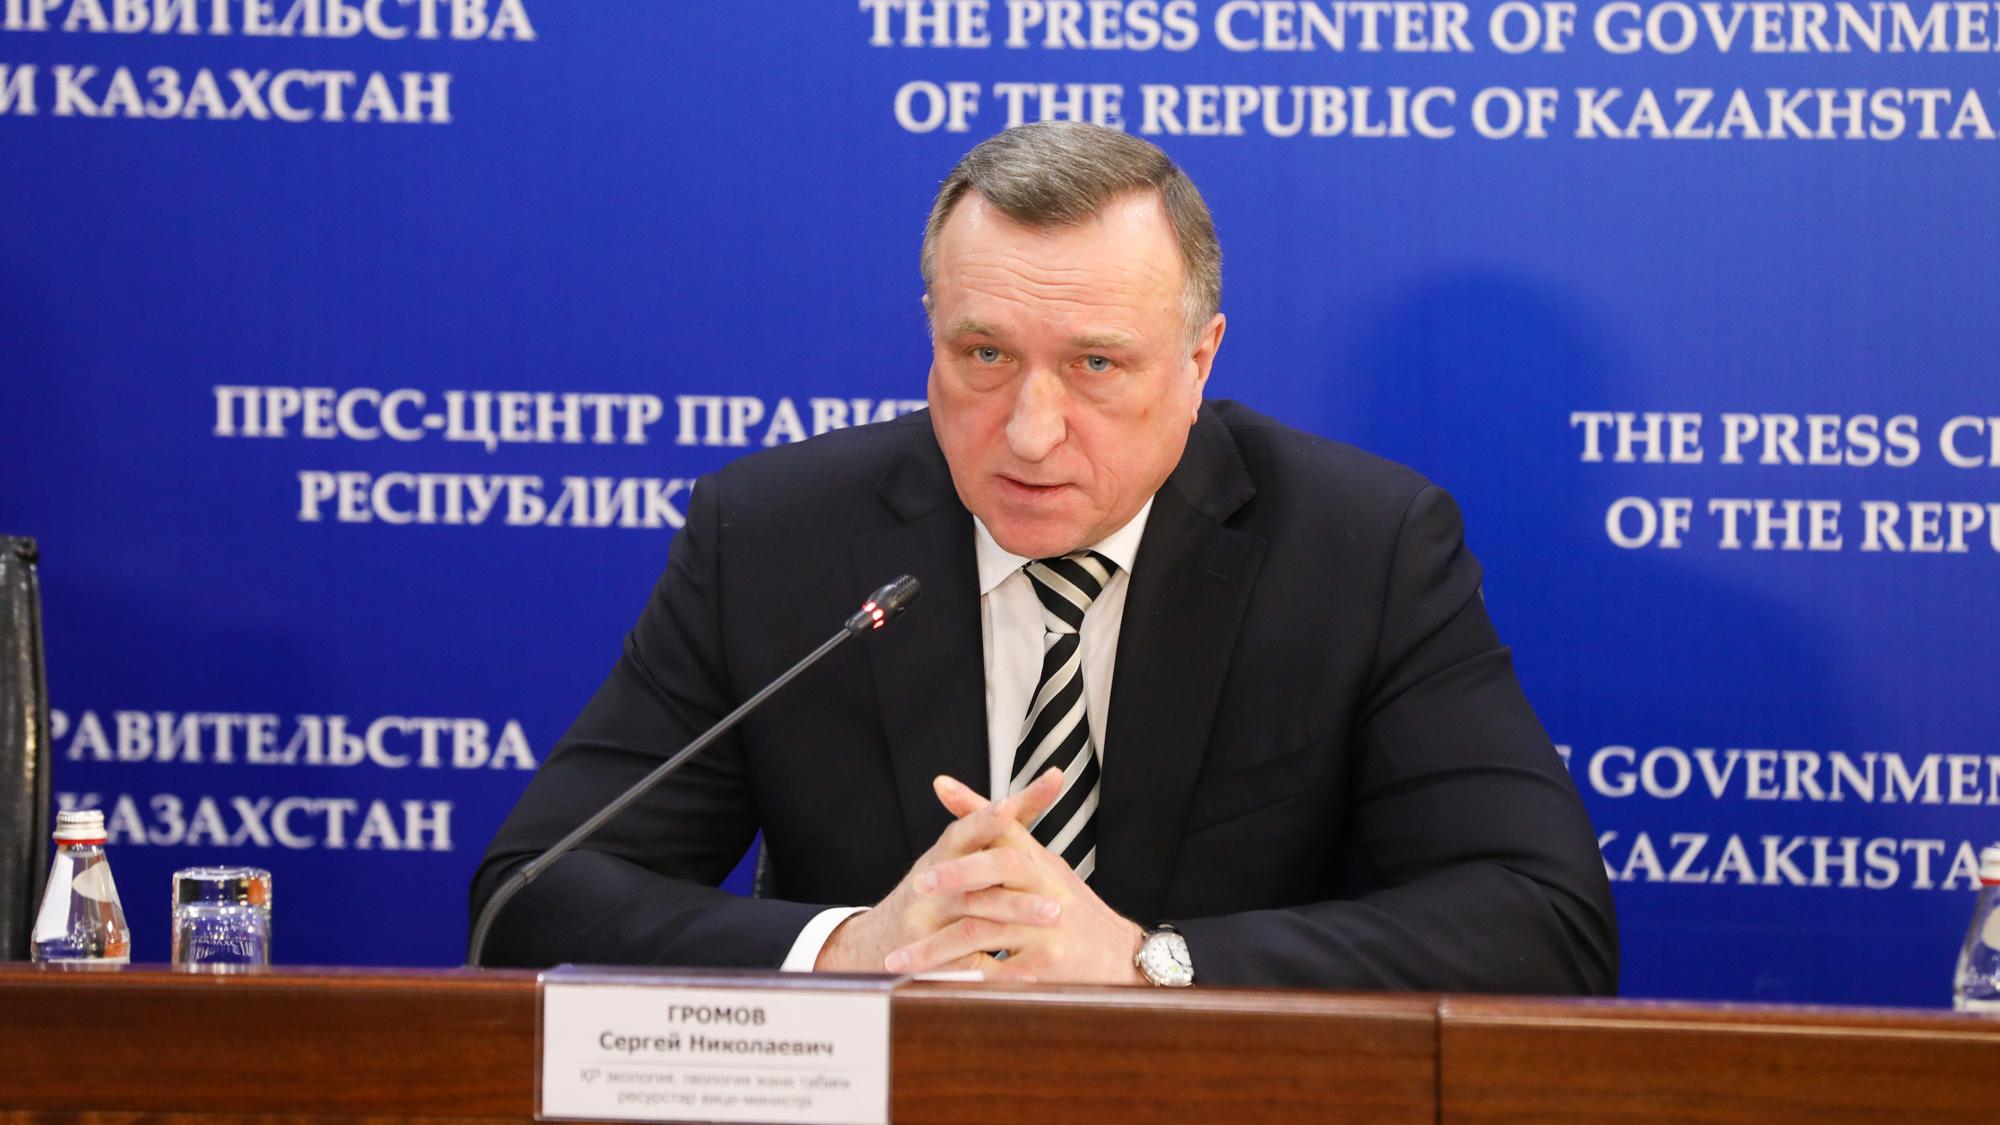 Казахстан готовит ноту Узбекистану из-за ситуации в Туркестанской области